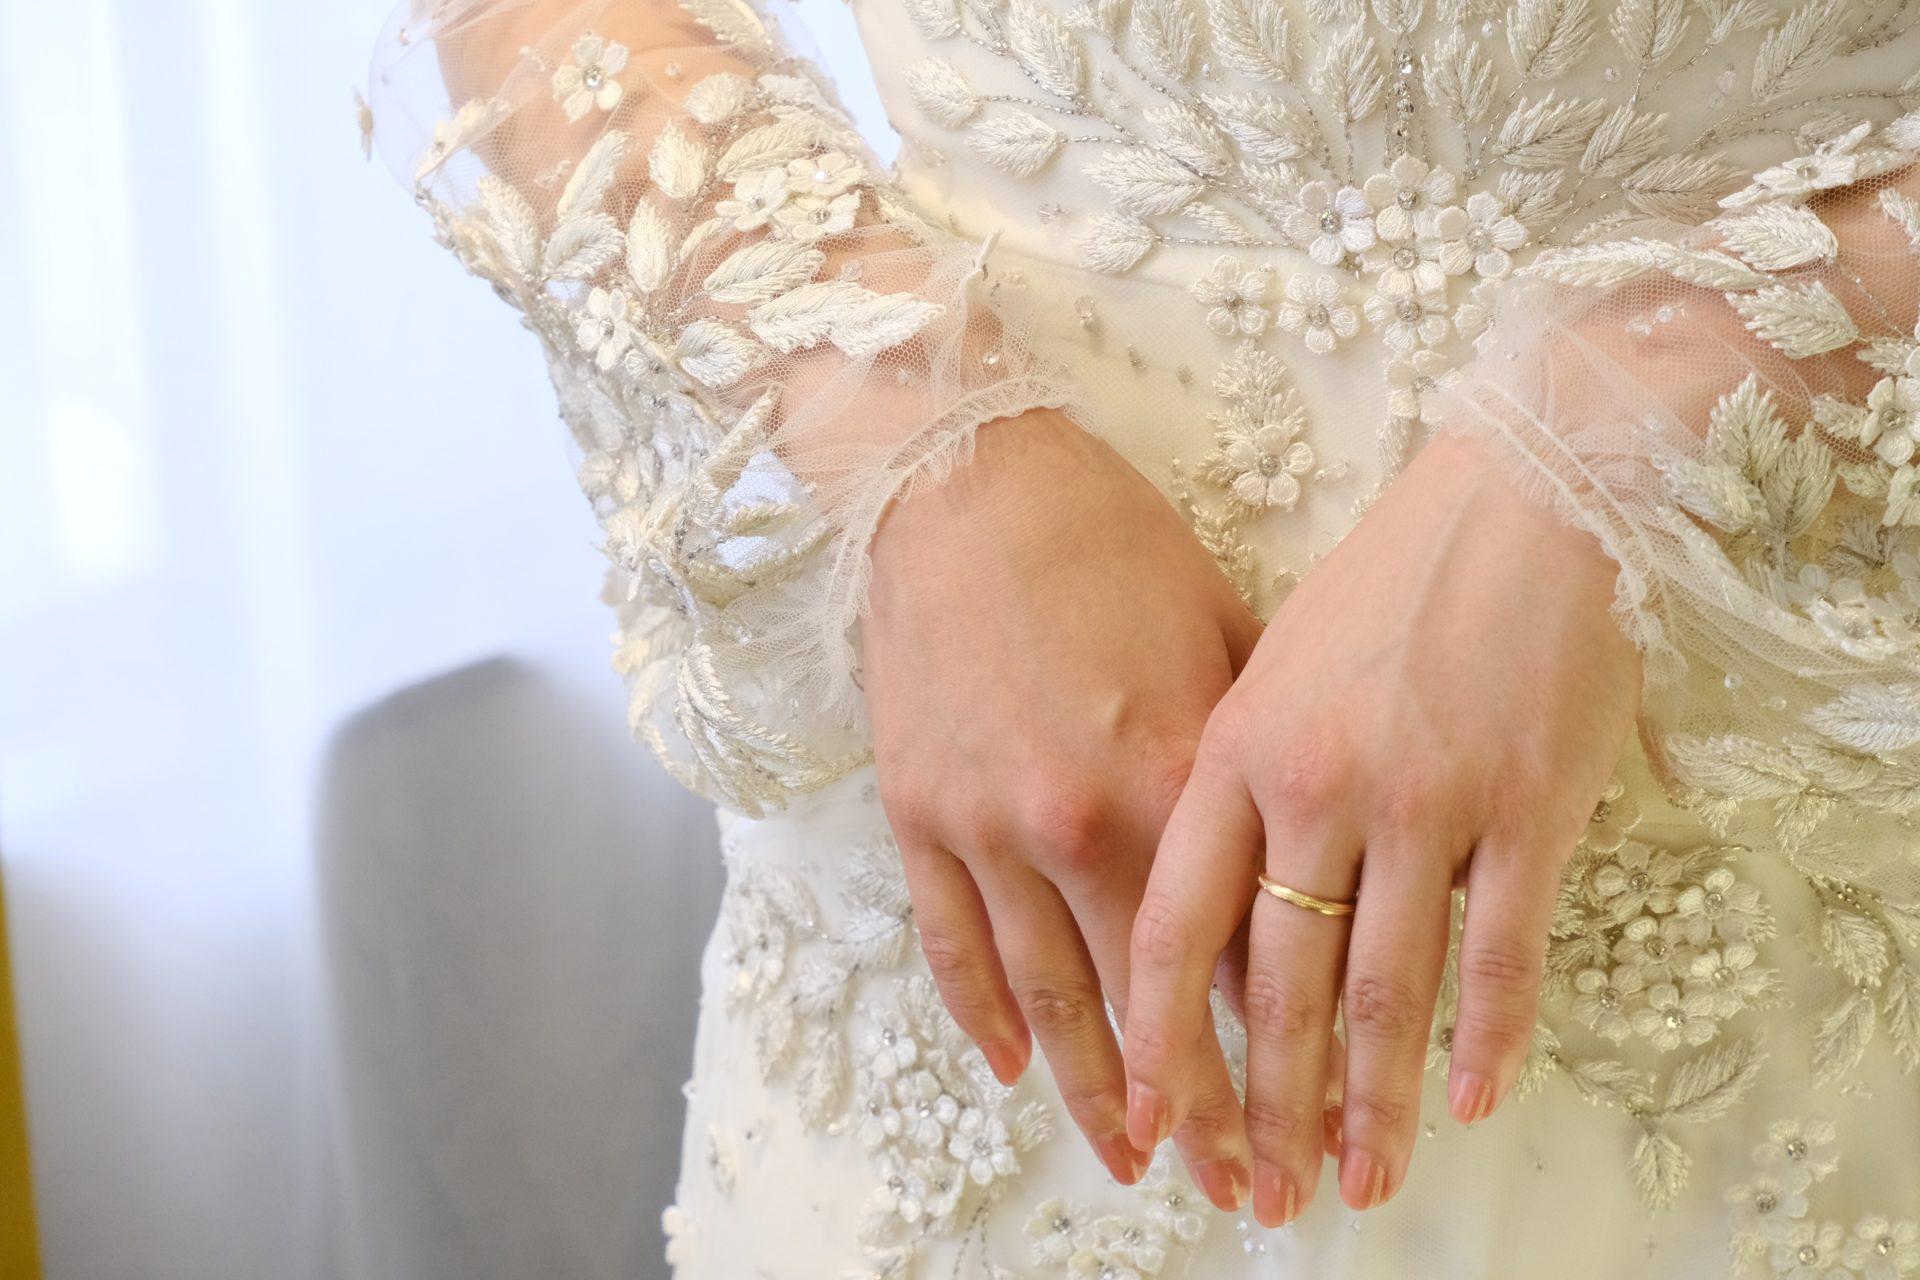 お洒落な花嫁様に人気のドレスショップ、THETREATDRESSINGアディション店からご紹介させていただくのは、上品かつ繊細なビーディング、パフスリーブの袖元が特徴の販売ウェディングドレスです